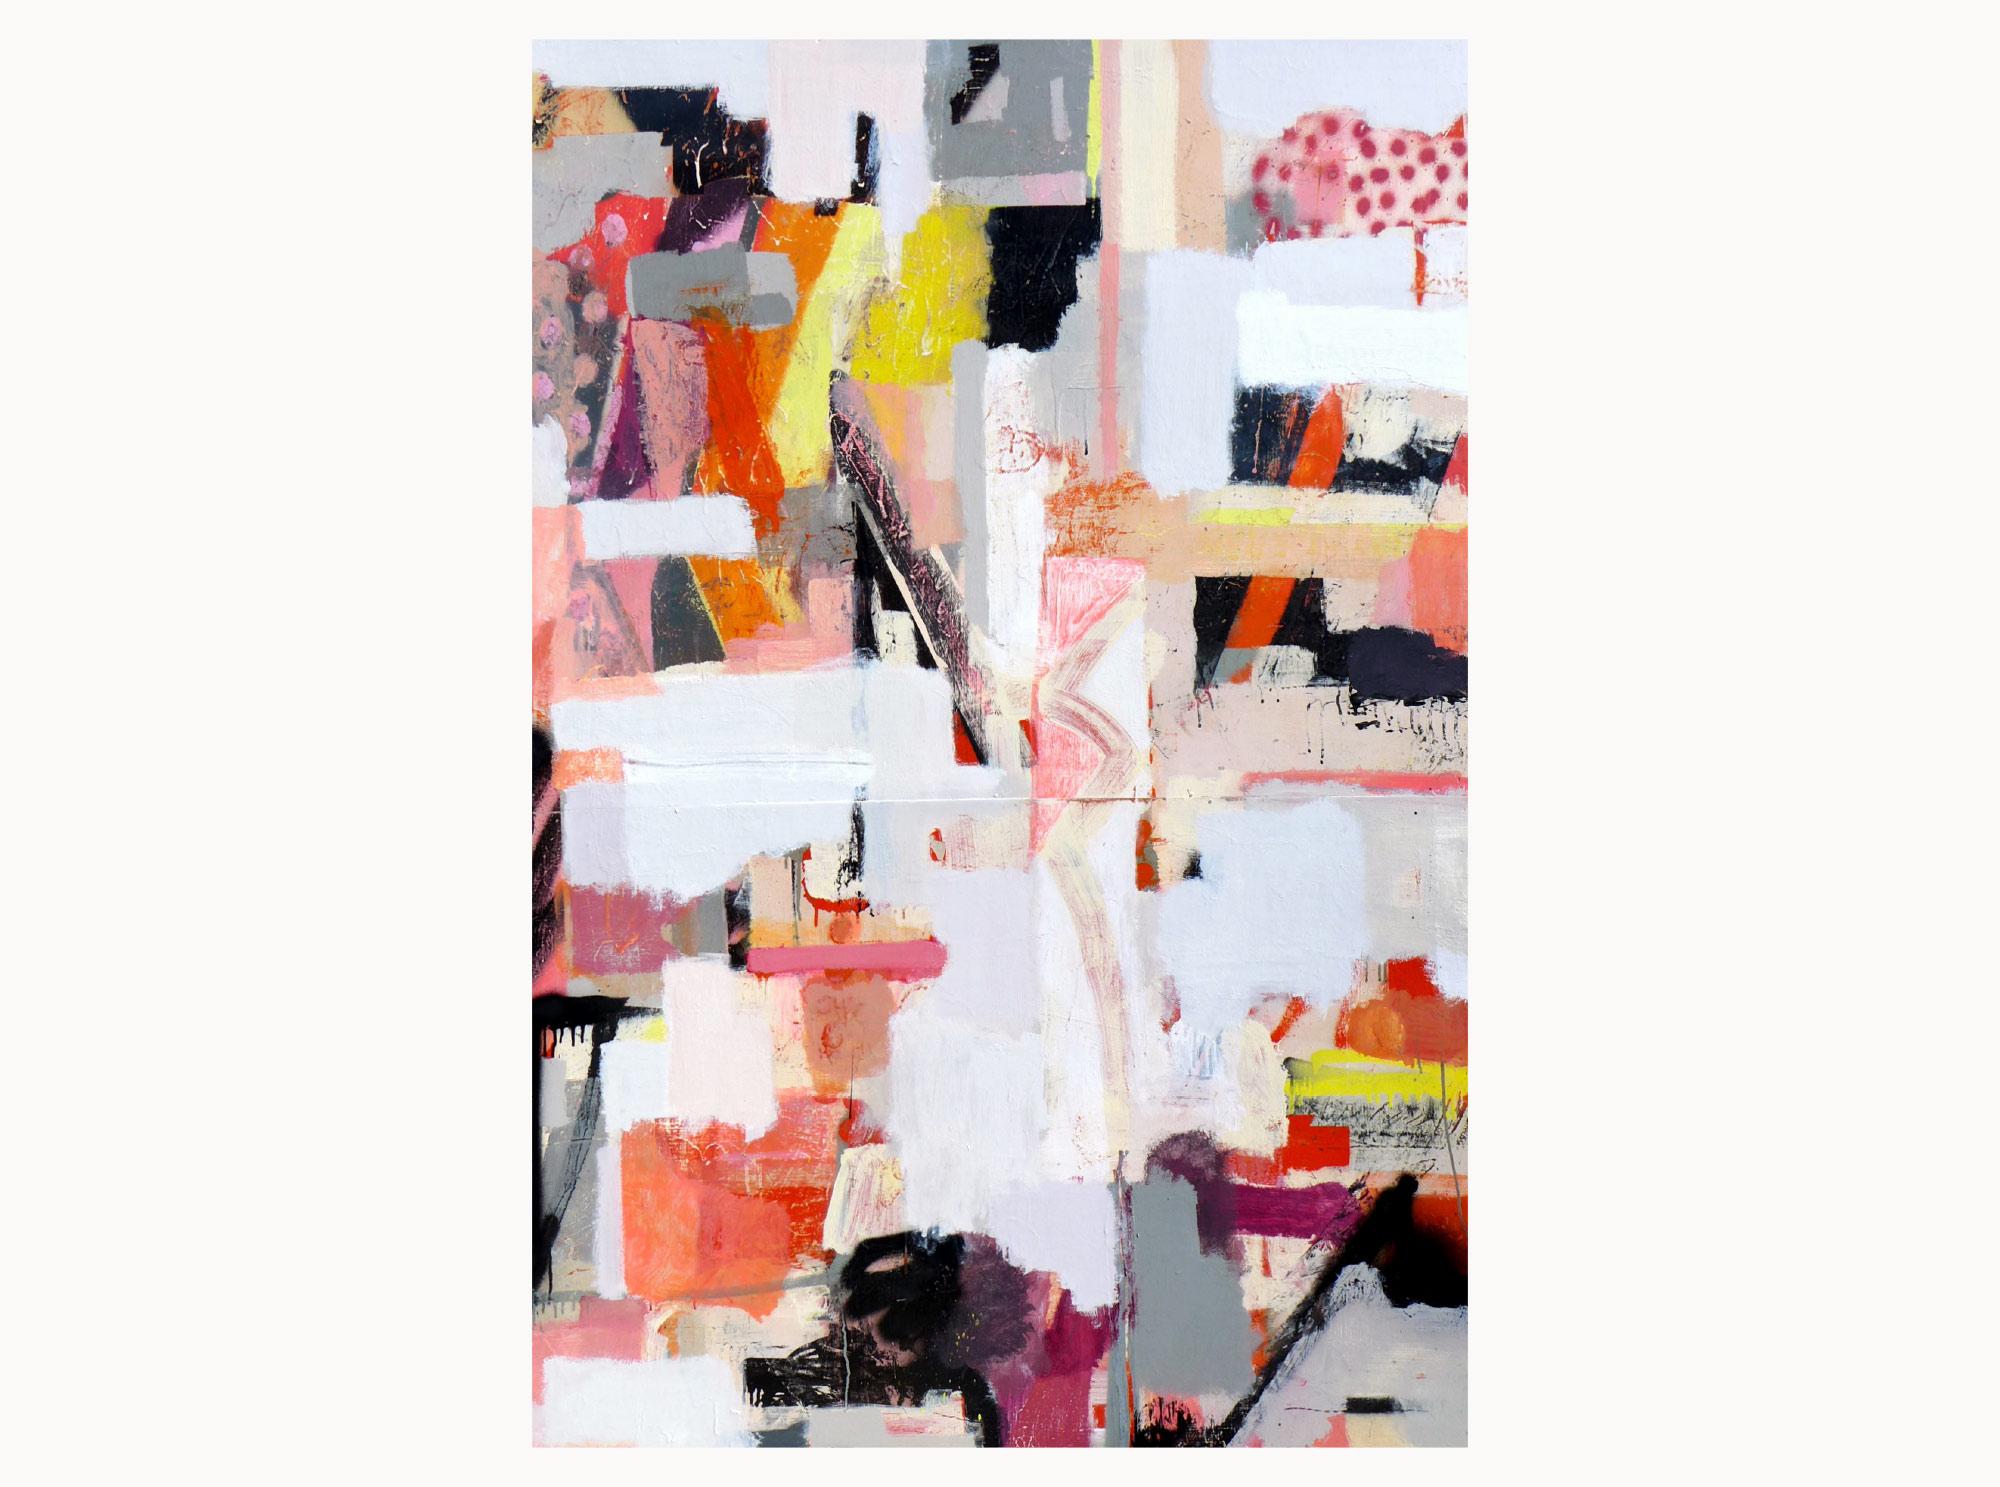 Control,  2019, acrylic, aerosol, plywood, 120 x 180 cm